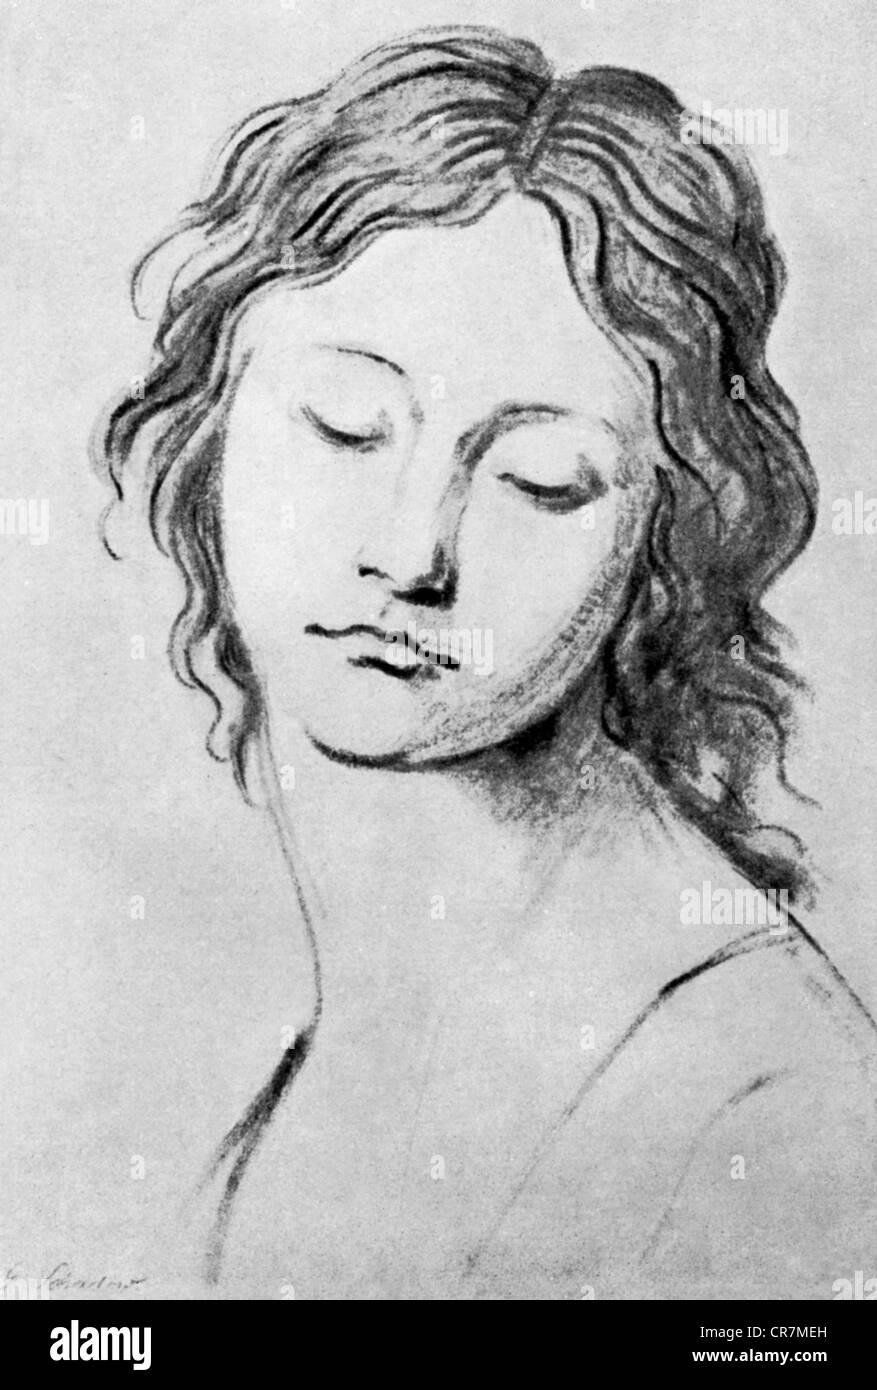 Schadow, Johann Gottfried, 20.5.1764 - 27.1.1850, deutscher Bildhauer und Grafiker, Werke, Portrait eines jungen Stockbild